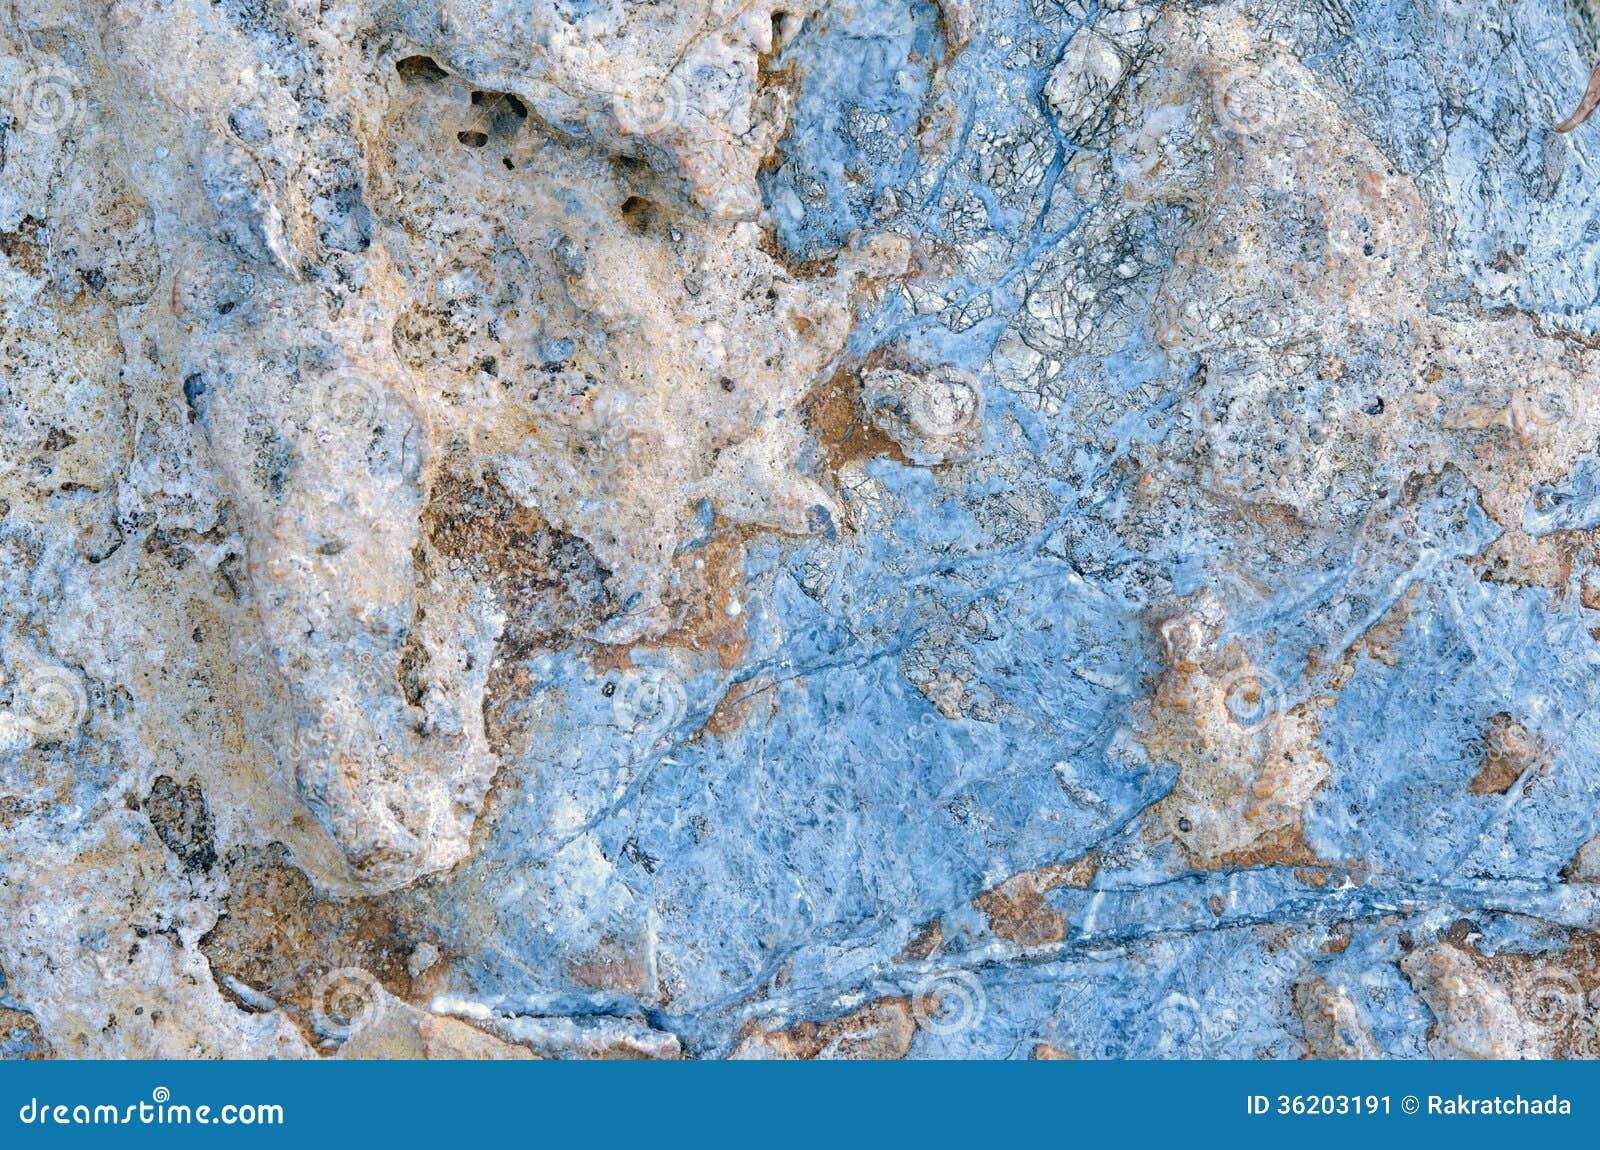 Marble Stone Background : Marble background stock image